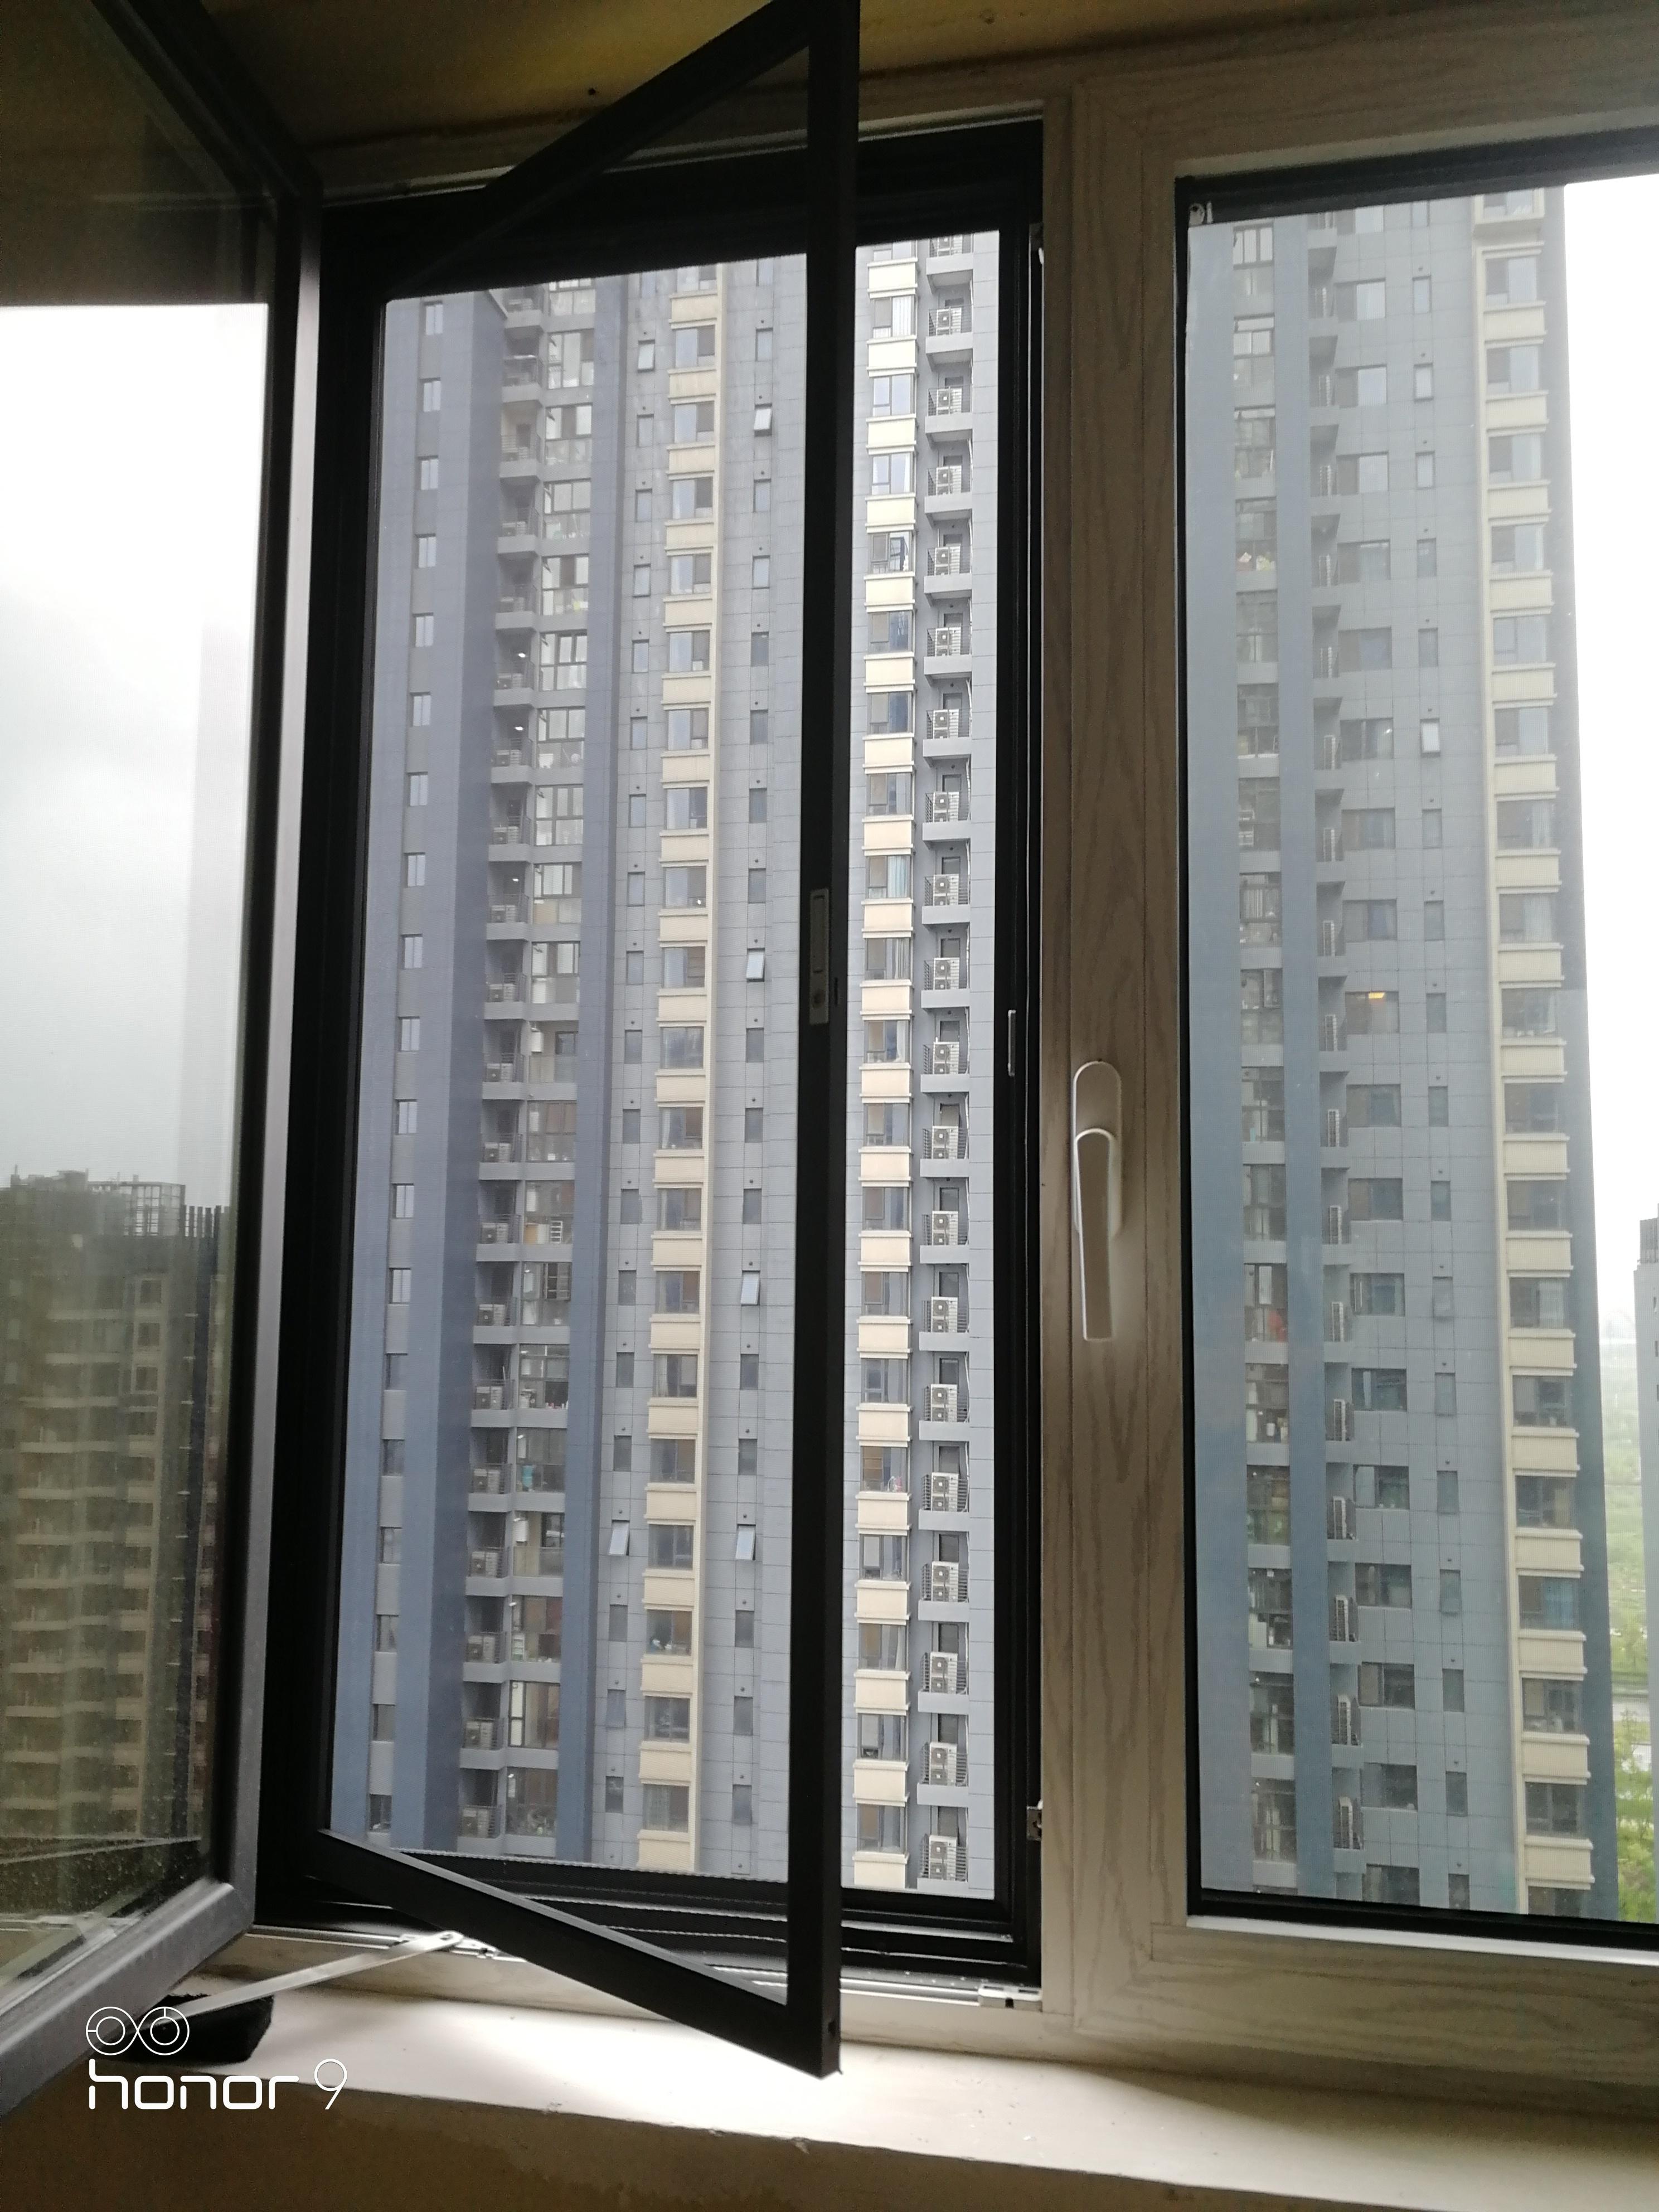 家住10楼物业不准安装防盗网,改装金刚网纱窗,比防盗窗结实安全(图2)